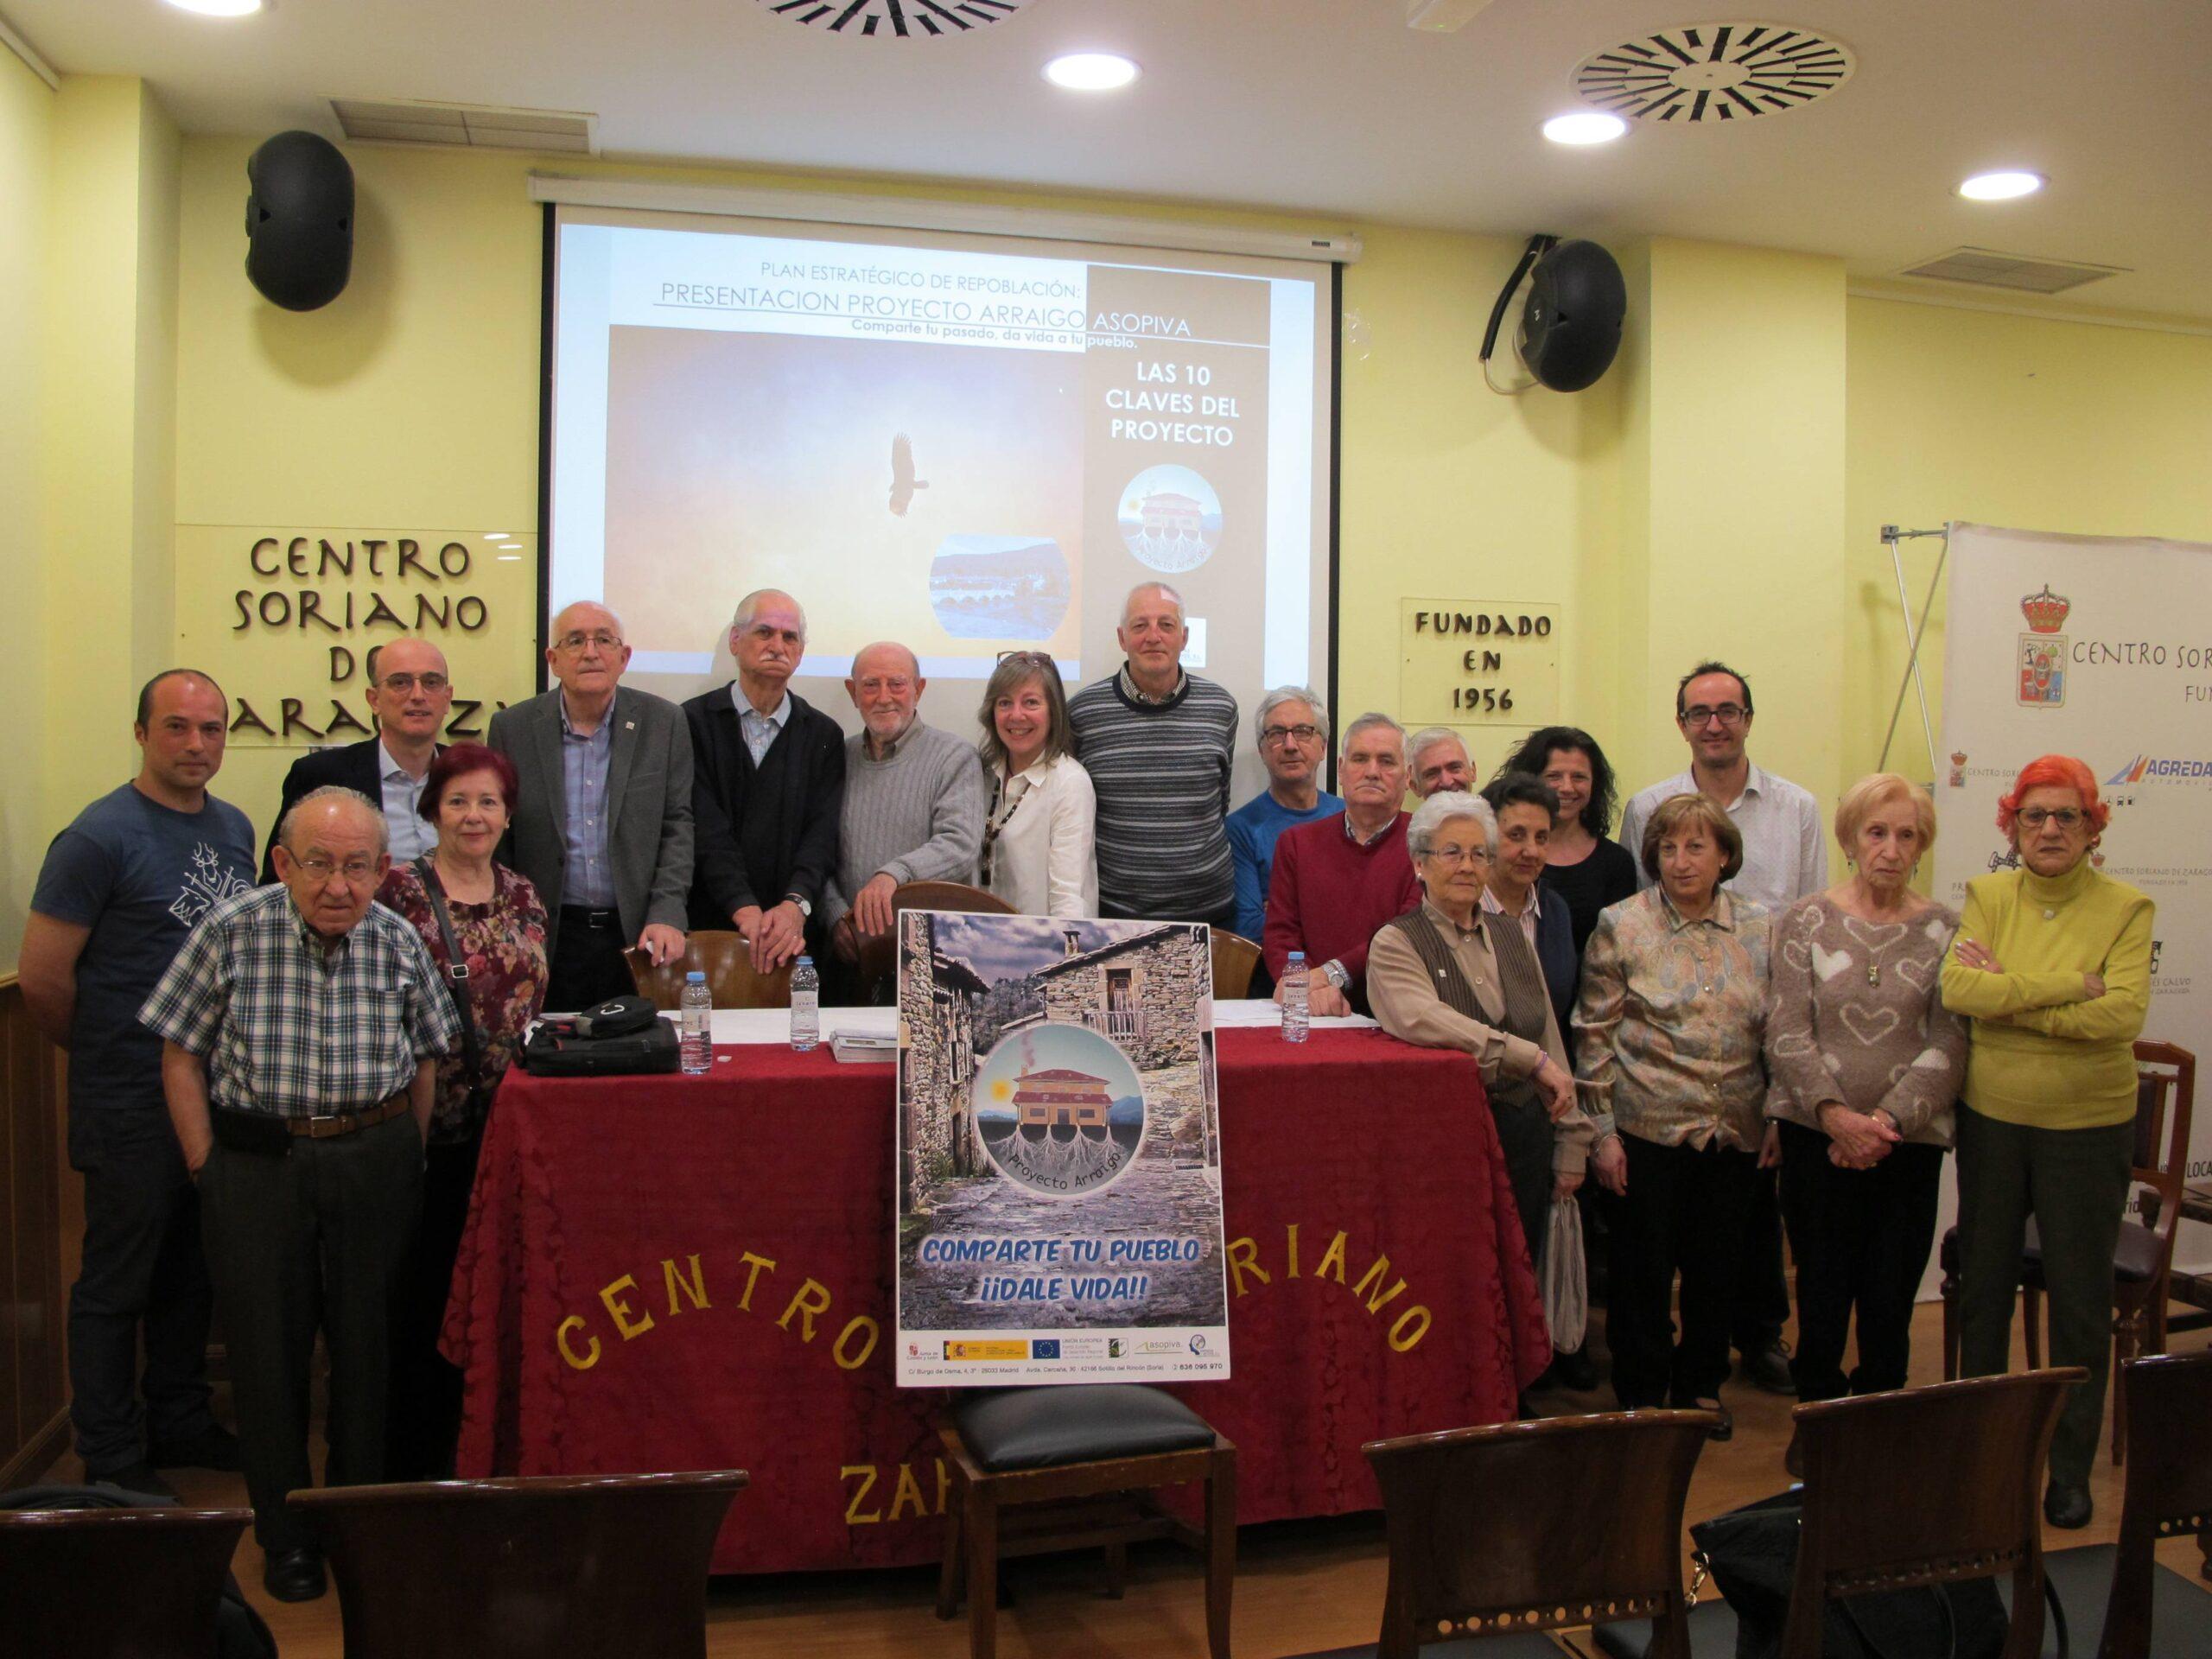 Presentación de Proyecto Arraigo en el Centro Soriano de Zaragoza